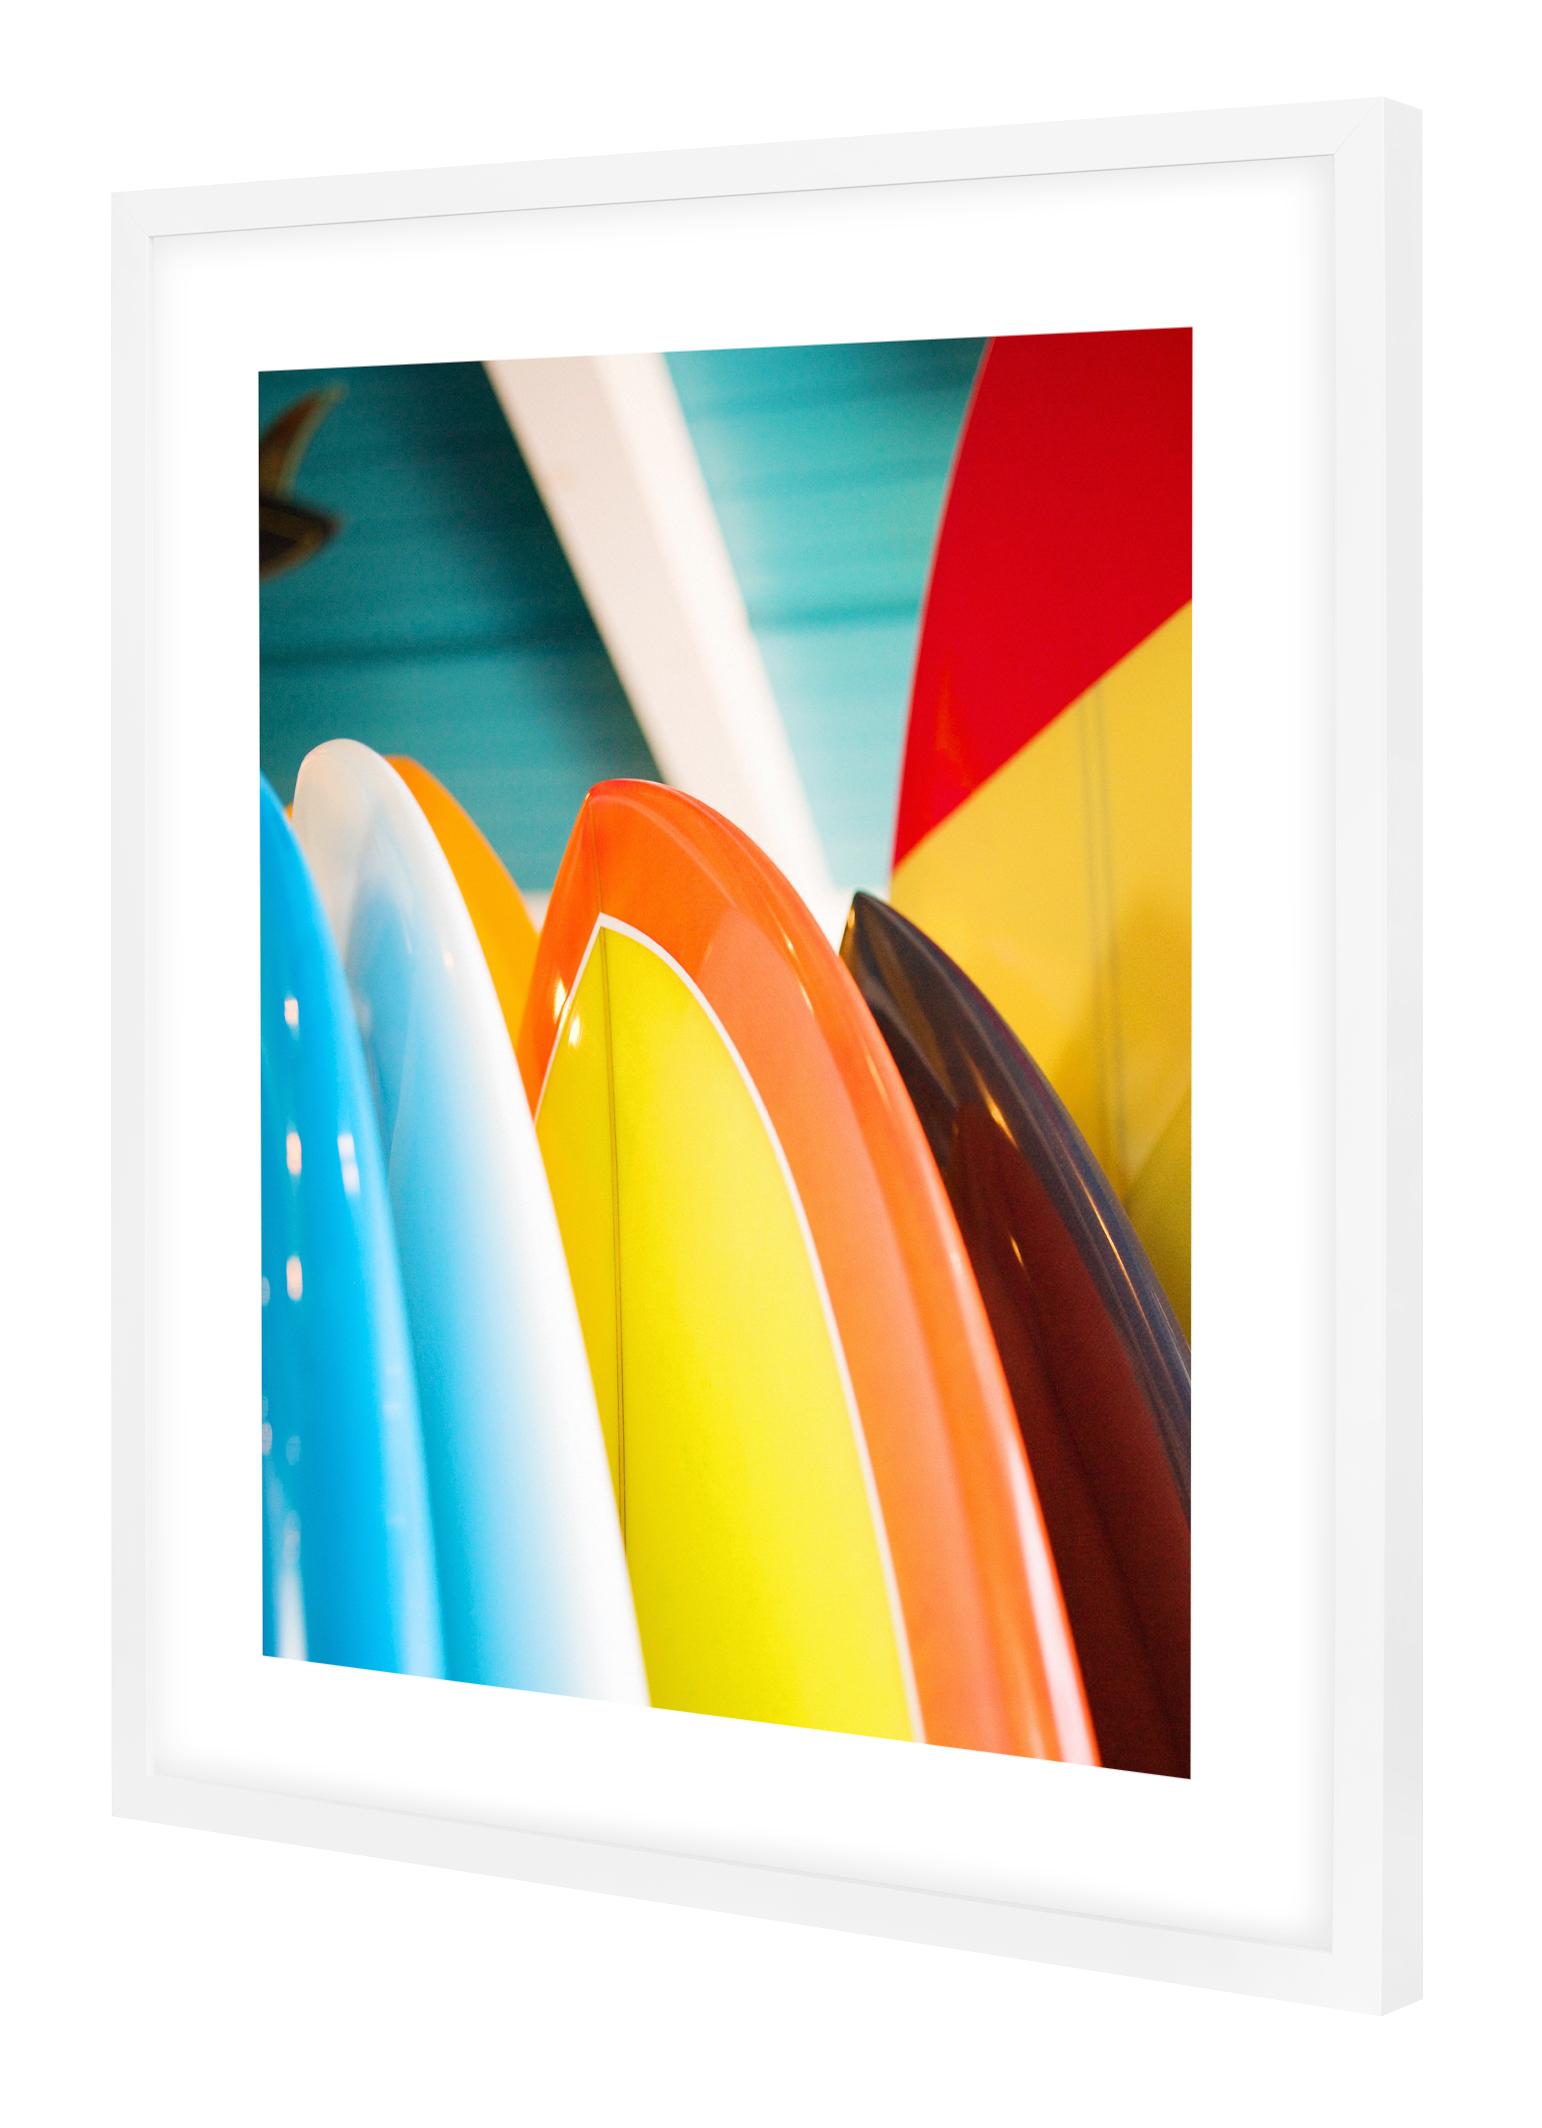 JP GREENWOOD_SURFBOARDS.jpg